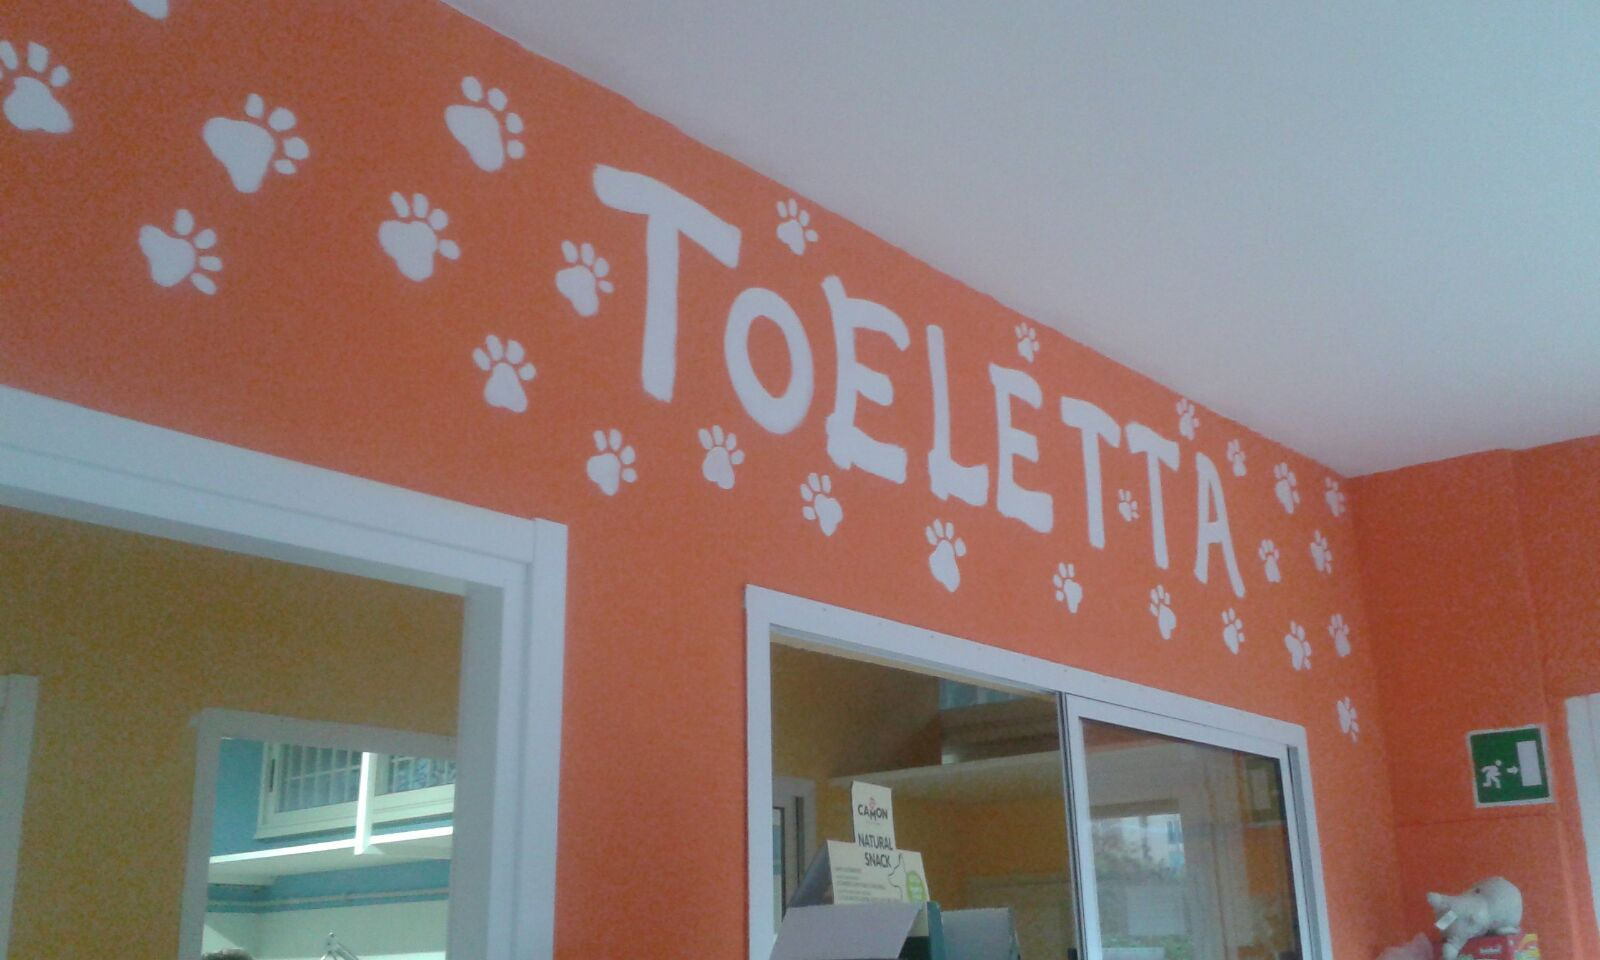 Un muro dipinto di color arancione con disegni delle zampe, scritta Toeletta e vista di una porta e una finestra aperta